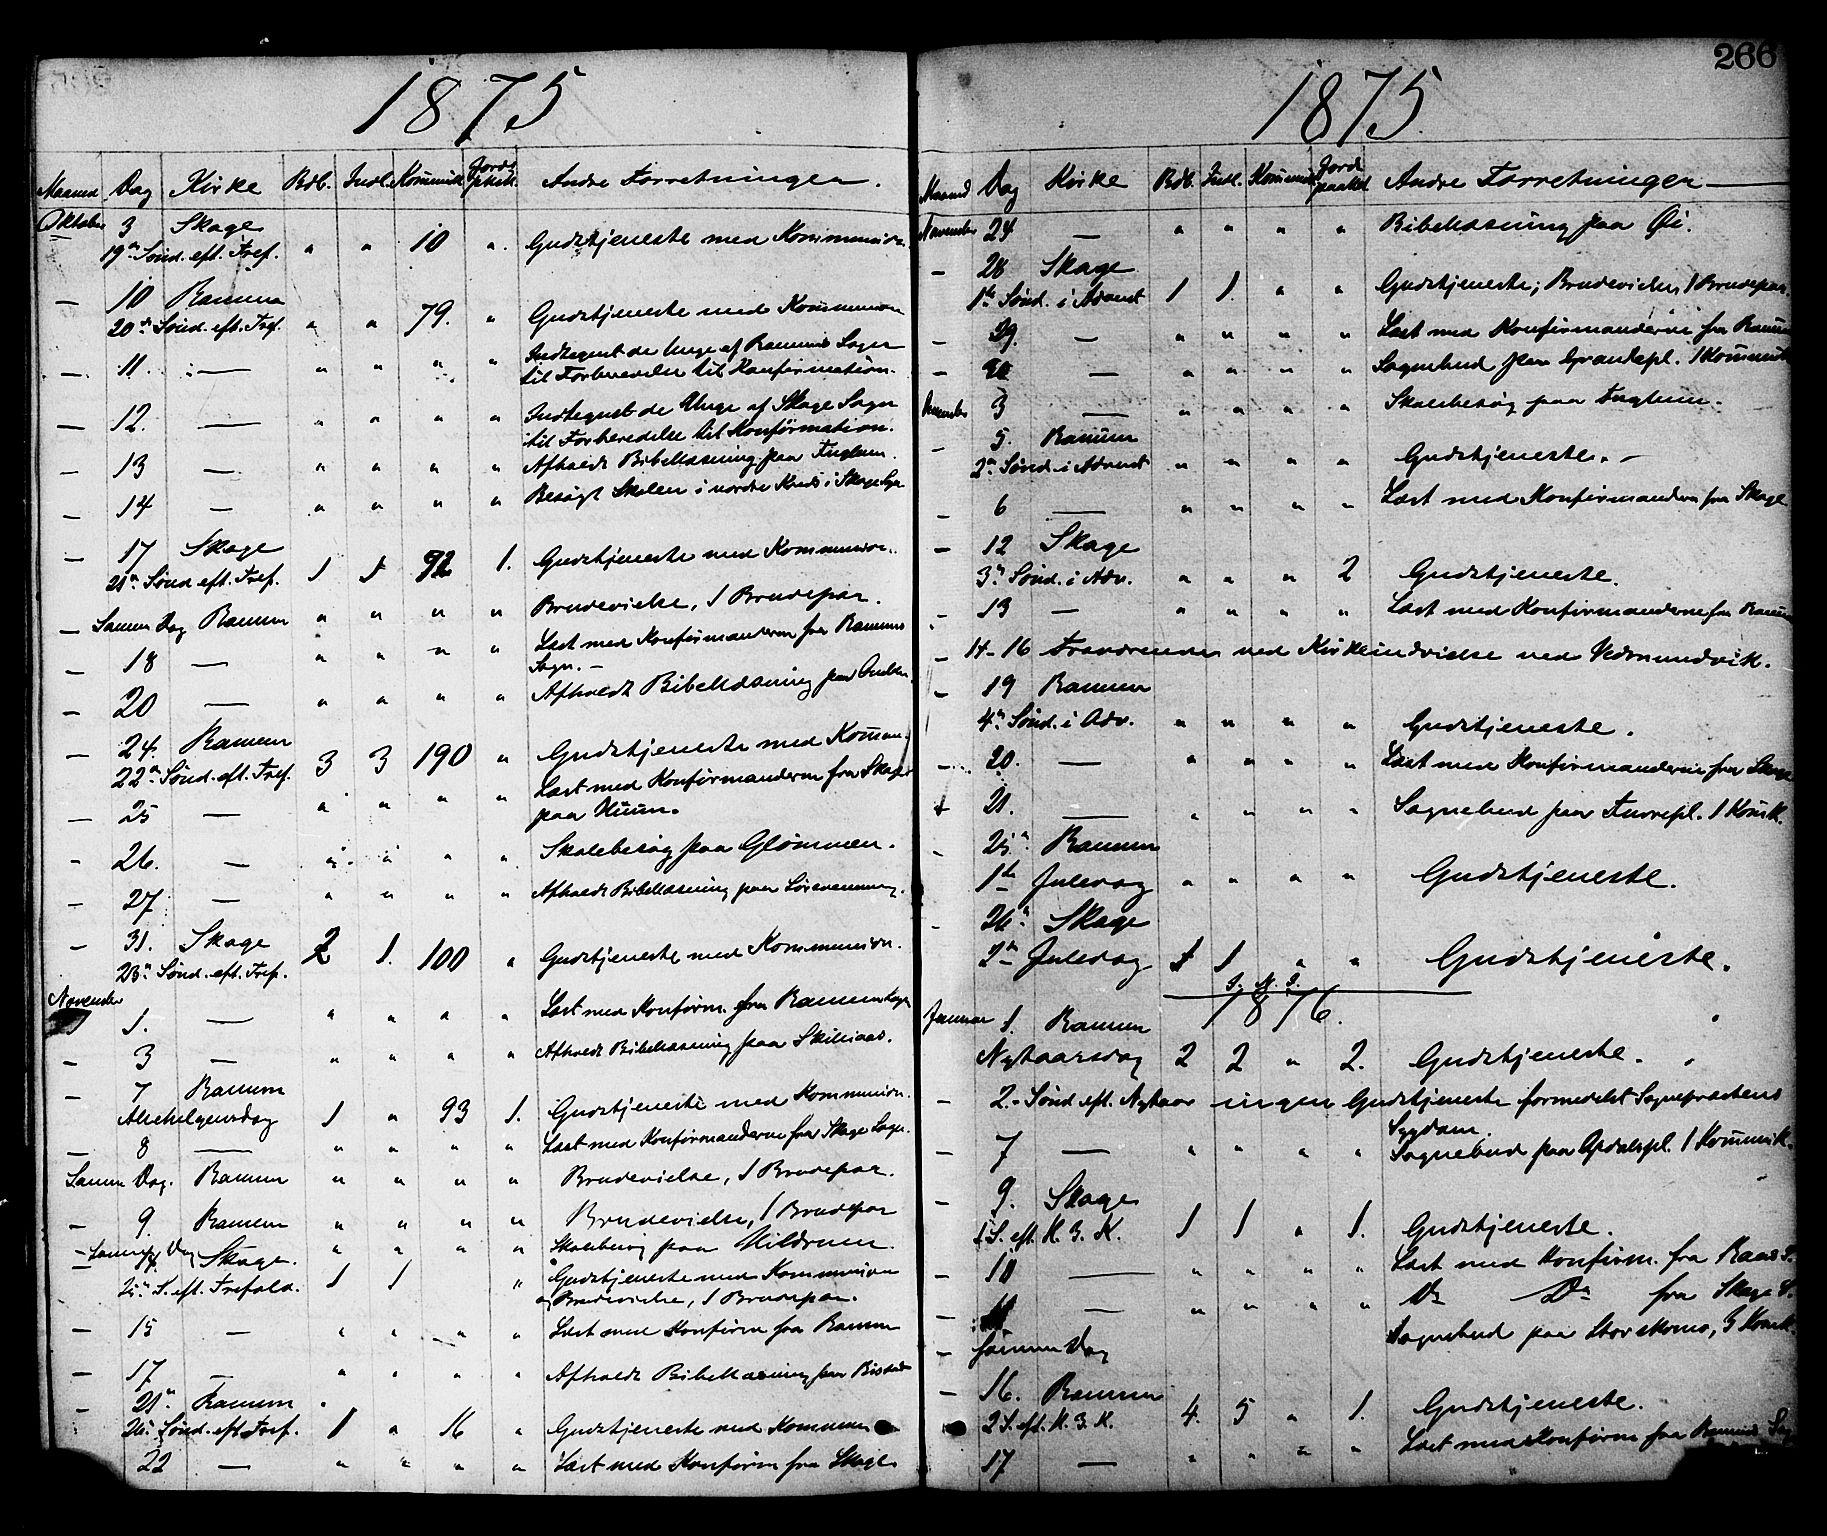 SAT, Ministerialprotokoller, klokkerbøker og fødselsregistre - Nord-Trøndelag, 764/L0554: Ministerialbok nr. 764A09, 1867-1880, s. 266